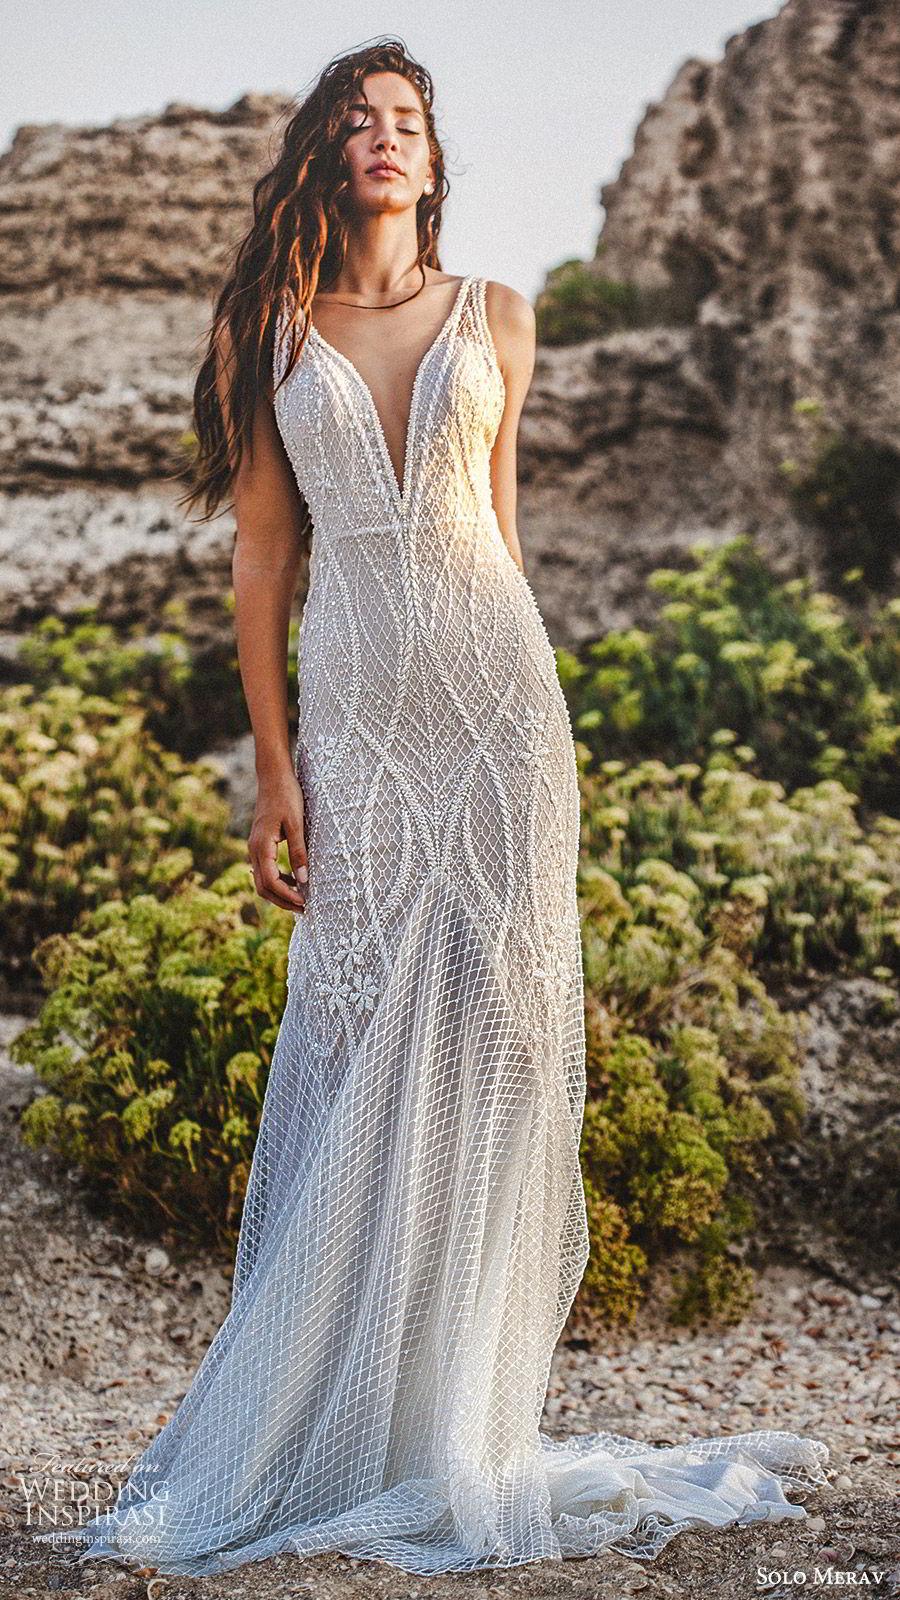 solo merav 2019 bridal sleeveless thick staps deep v neckline fully embellished sheath wedding dress (11) mv low back glam glitzy elegant